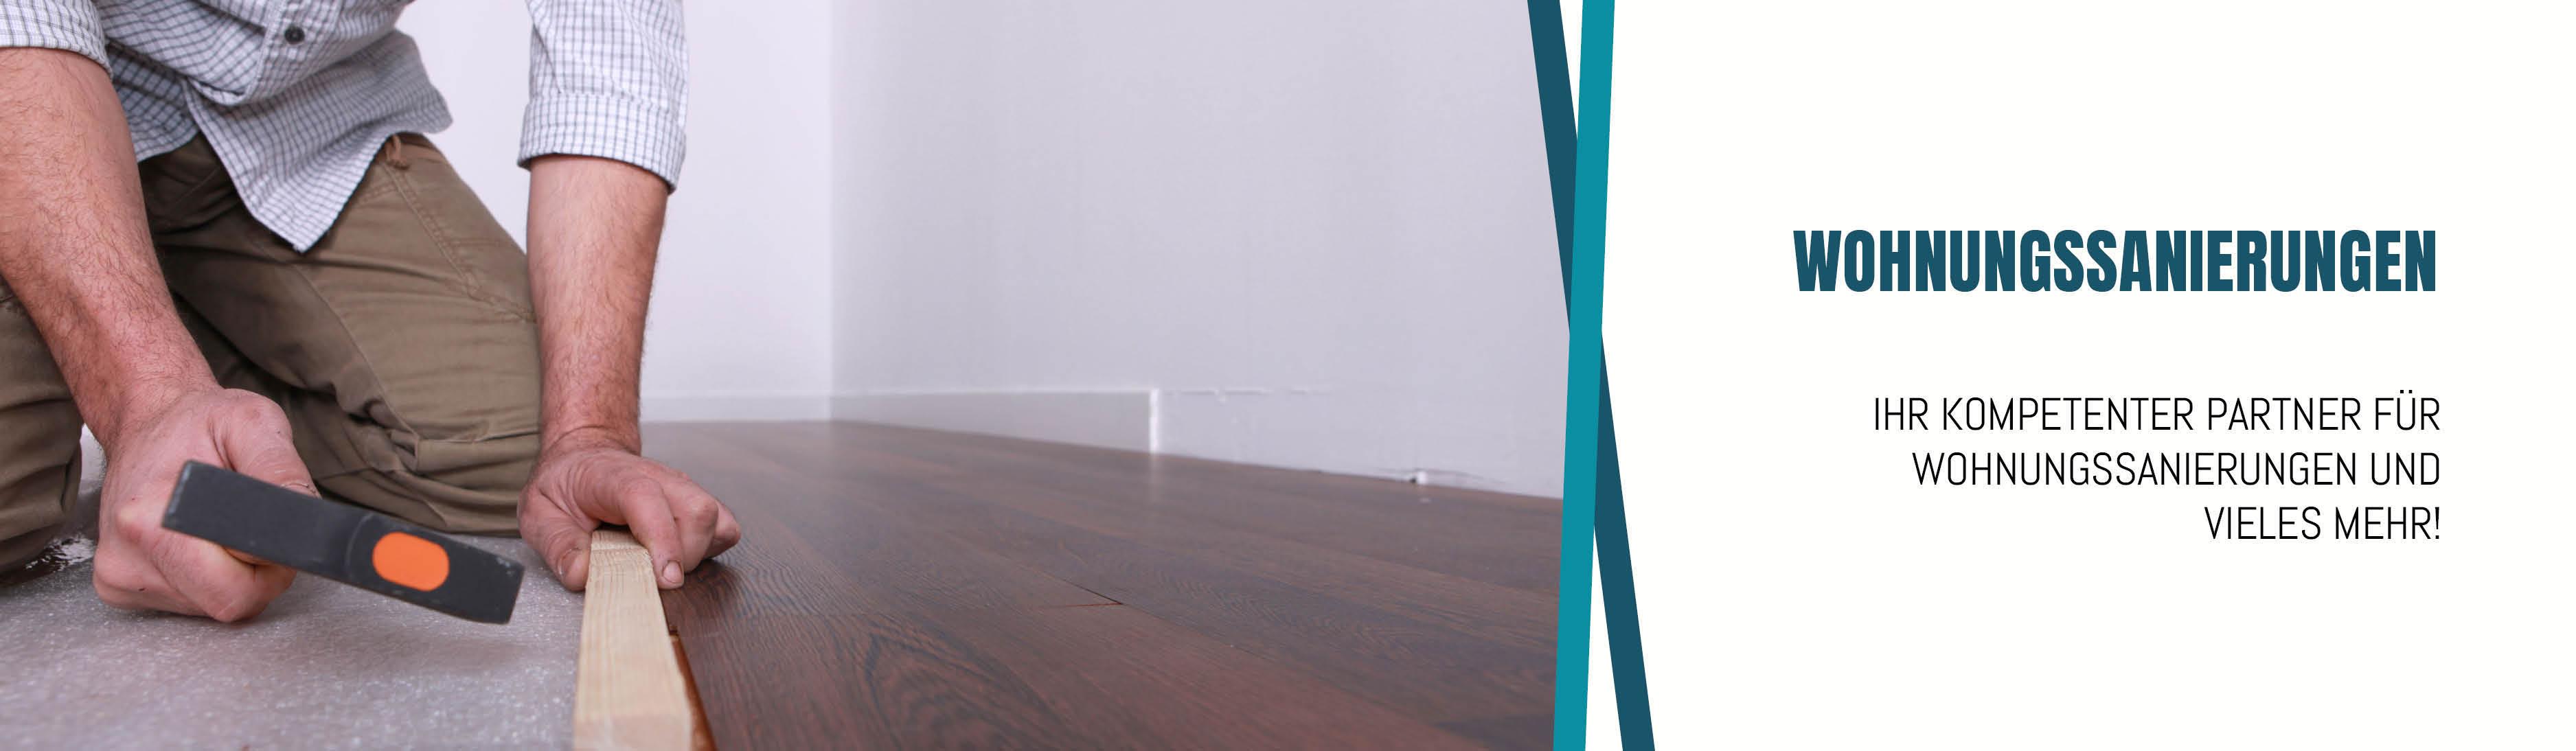 Renovierungsfall ANSTRICH AUF METALL dauerhafter Schutz  Metalloberflächen  BRANDSCHUTZANSTRICHE Böden Fertigparkett Teppich  Laminat  Bodenüberzüge  BODENSCHLEIFEN  BODENREPARATUR Parkettboden Holzboden INDUSTRIEBoden BODENBESCHICHTUNG fugenlose Boden Holzfußböden LAMINATBÖDEN LINOLEUM PVC-Böden PVC TEPPICHBÖDEN Bodenbelag  GRAPHIK DESIGN Logo  Fassadengestaltung  Autodesign Visitenkarte